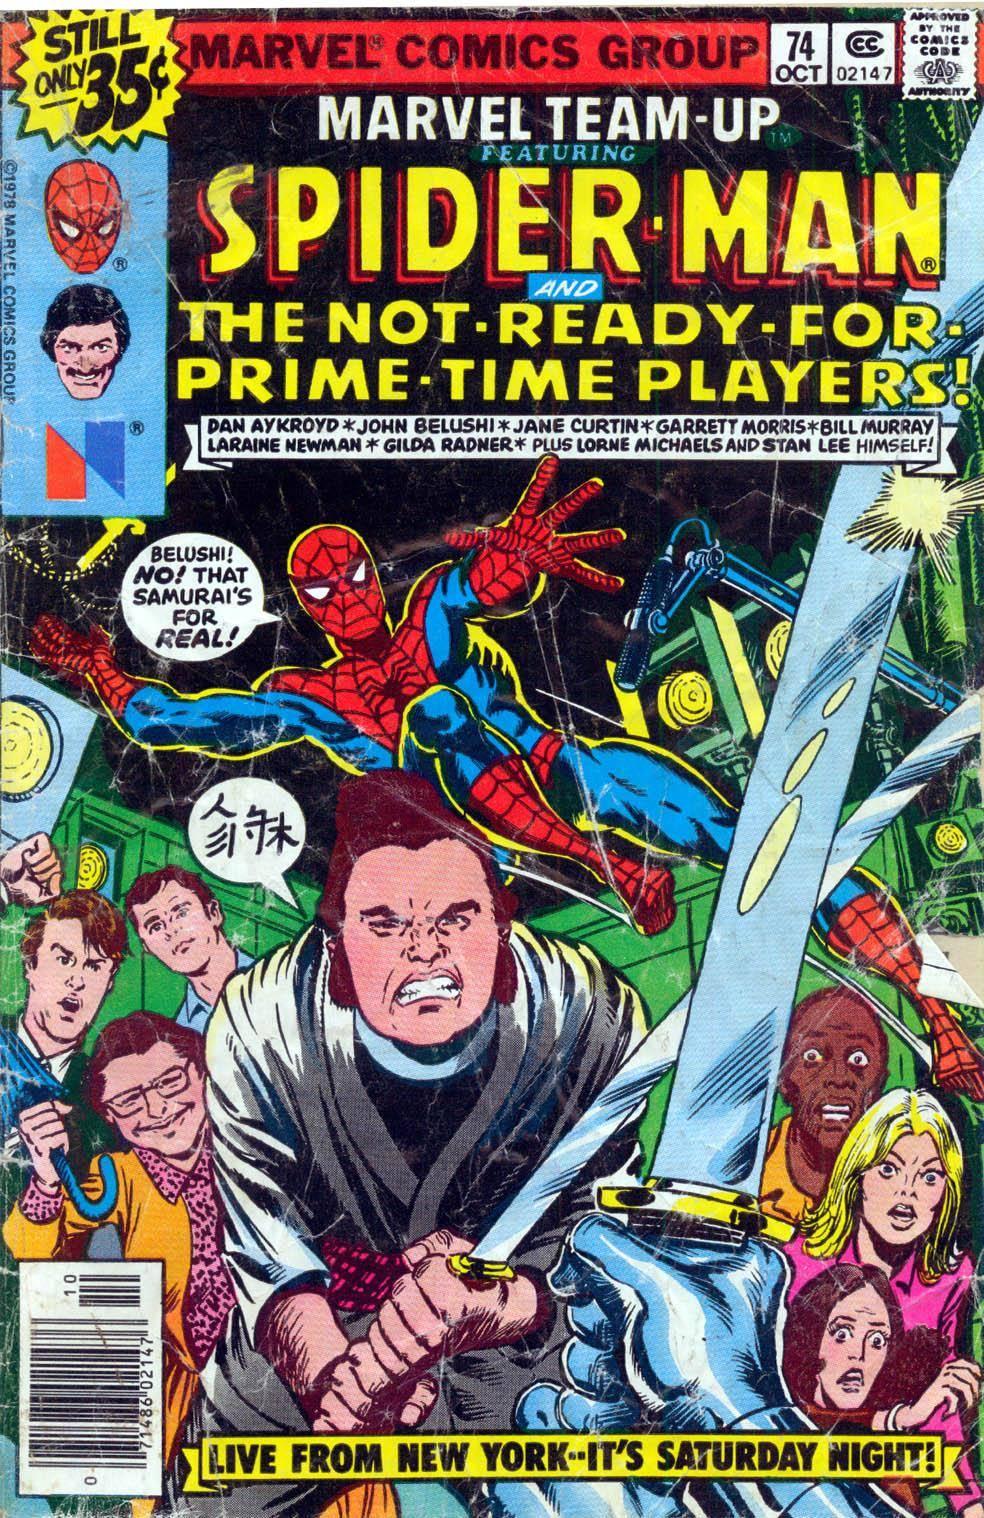 Marvel Team-Up v1 074 1978